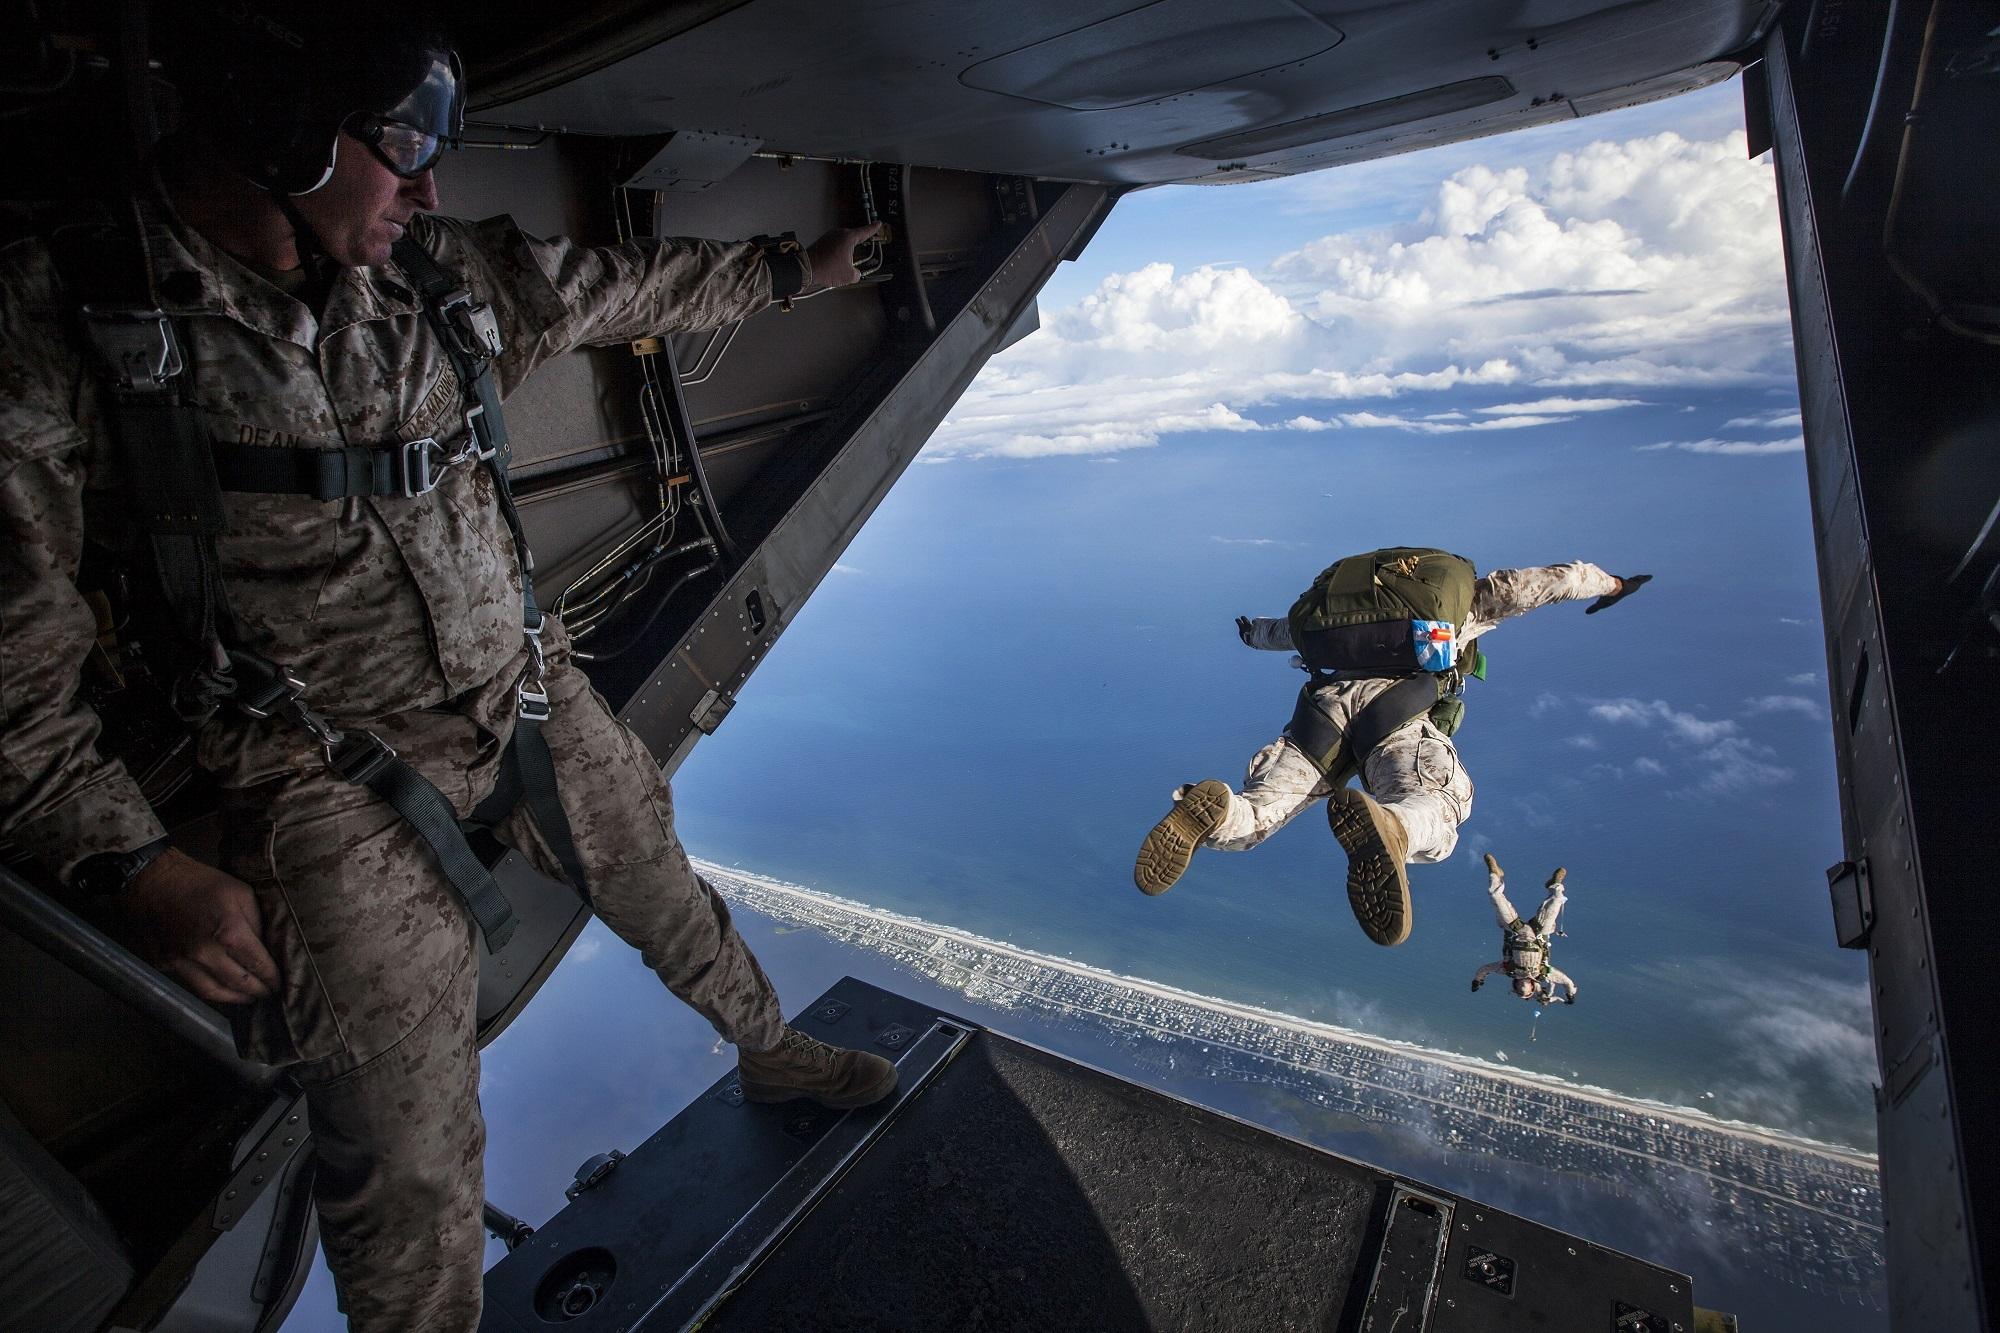 降落伞, 跳转, 军队, 空气, 风险 - 高清壁纸 - 教授-falken.com